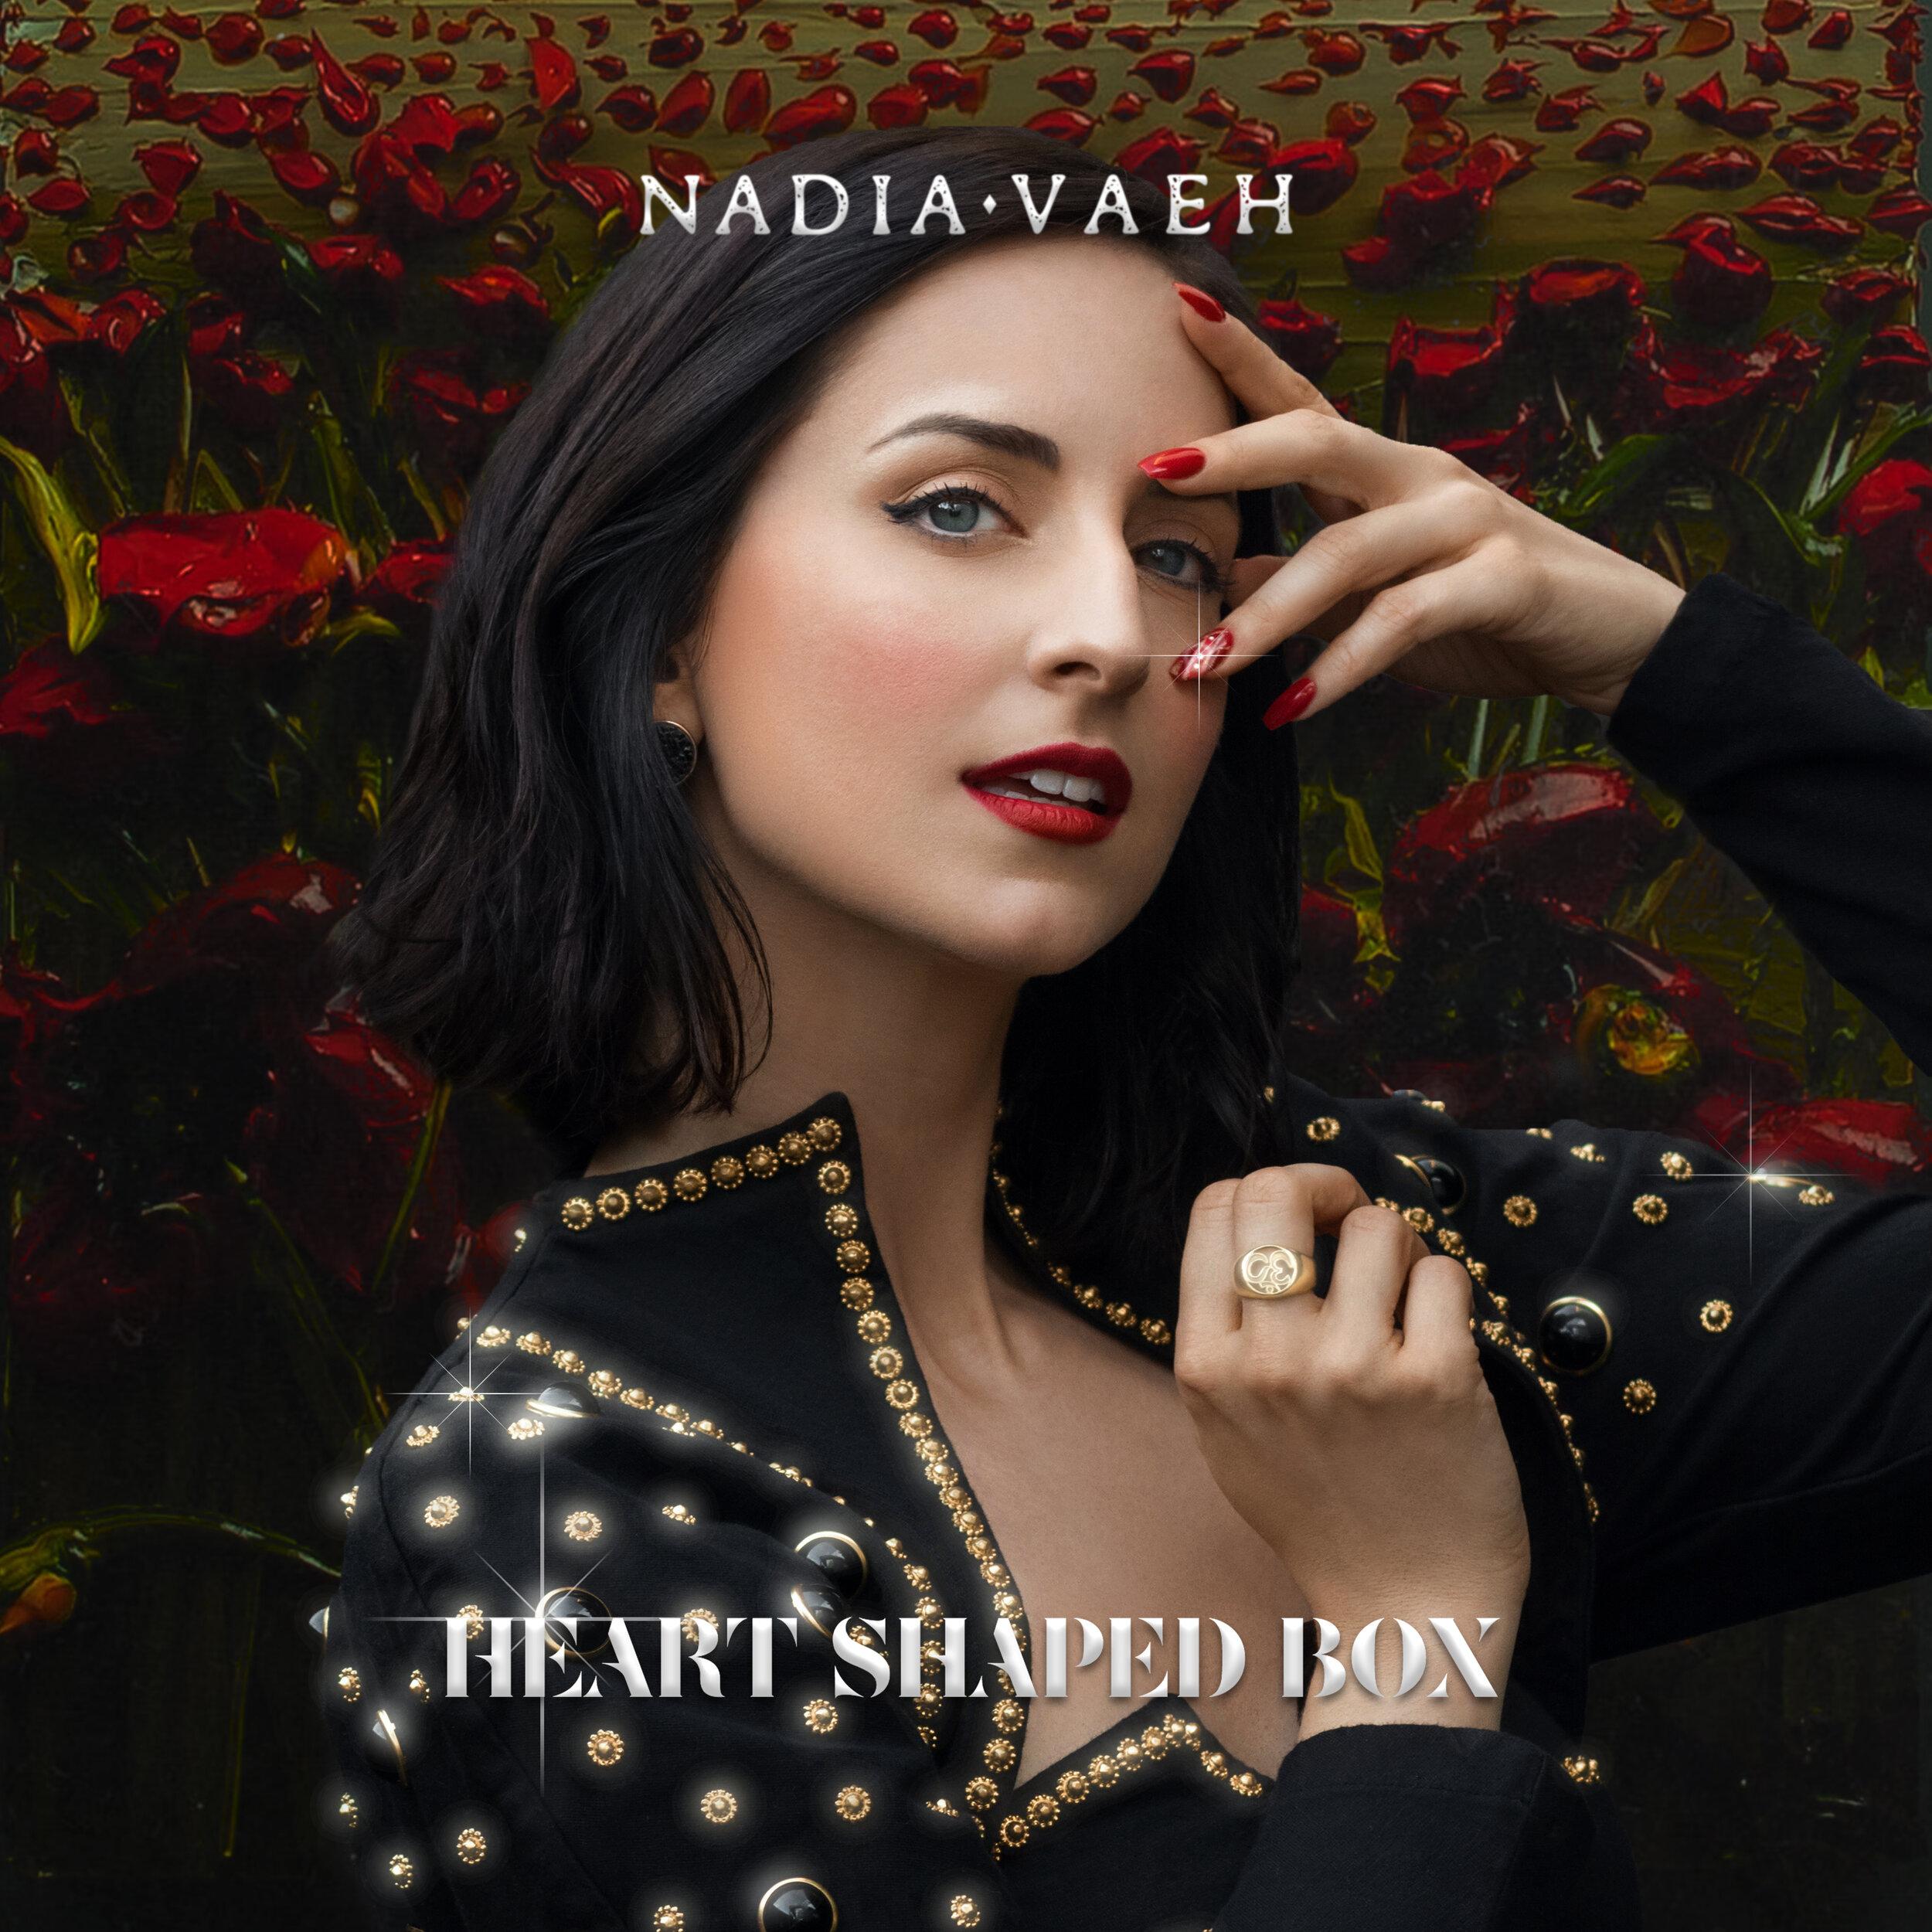 Heart Shaped Box - Nadia Vaeh